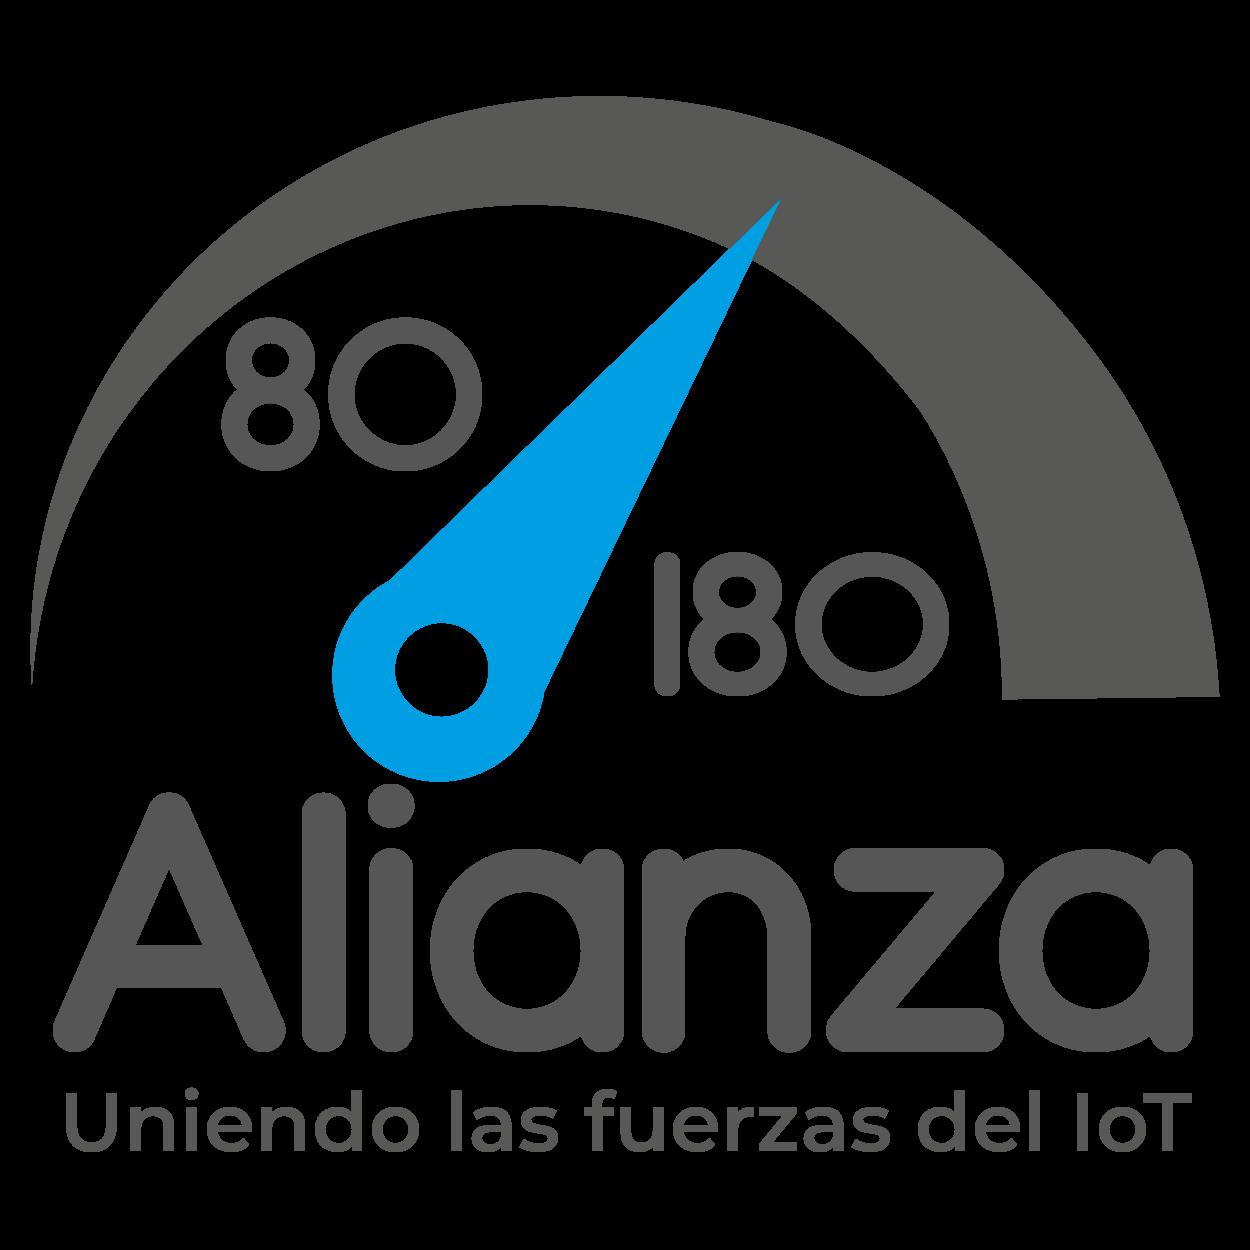 Alianza 80/180